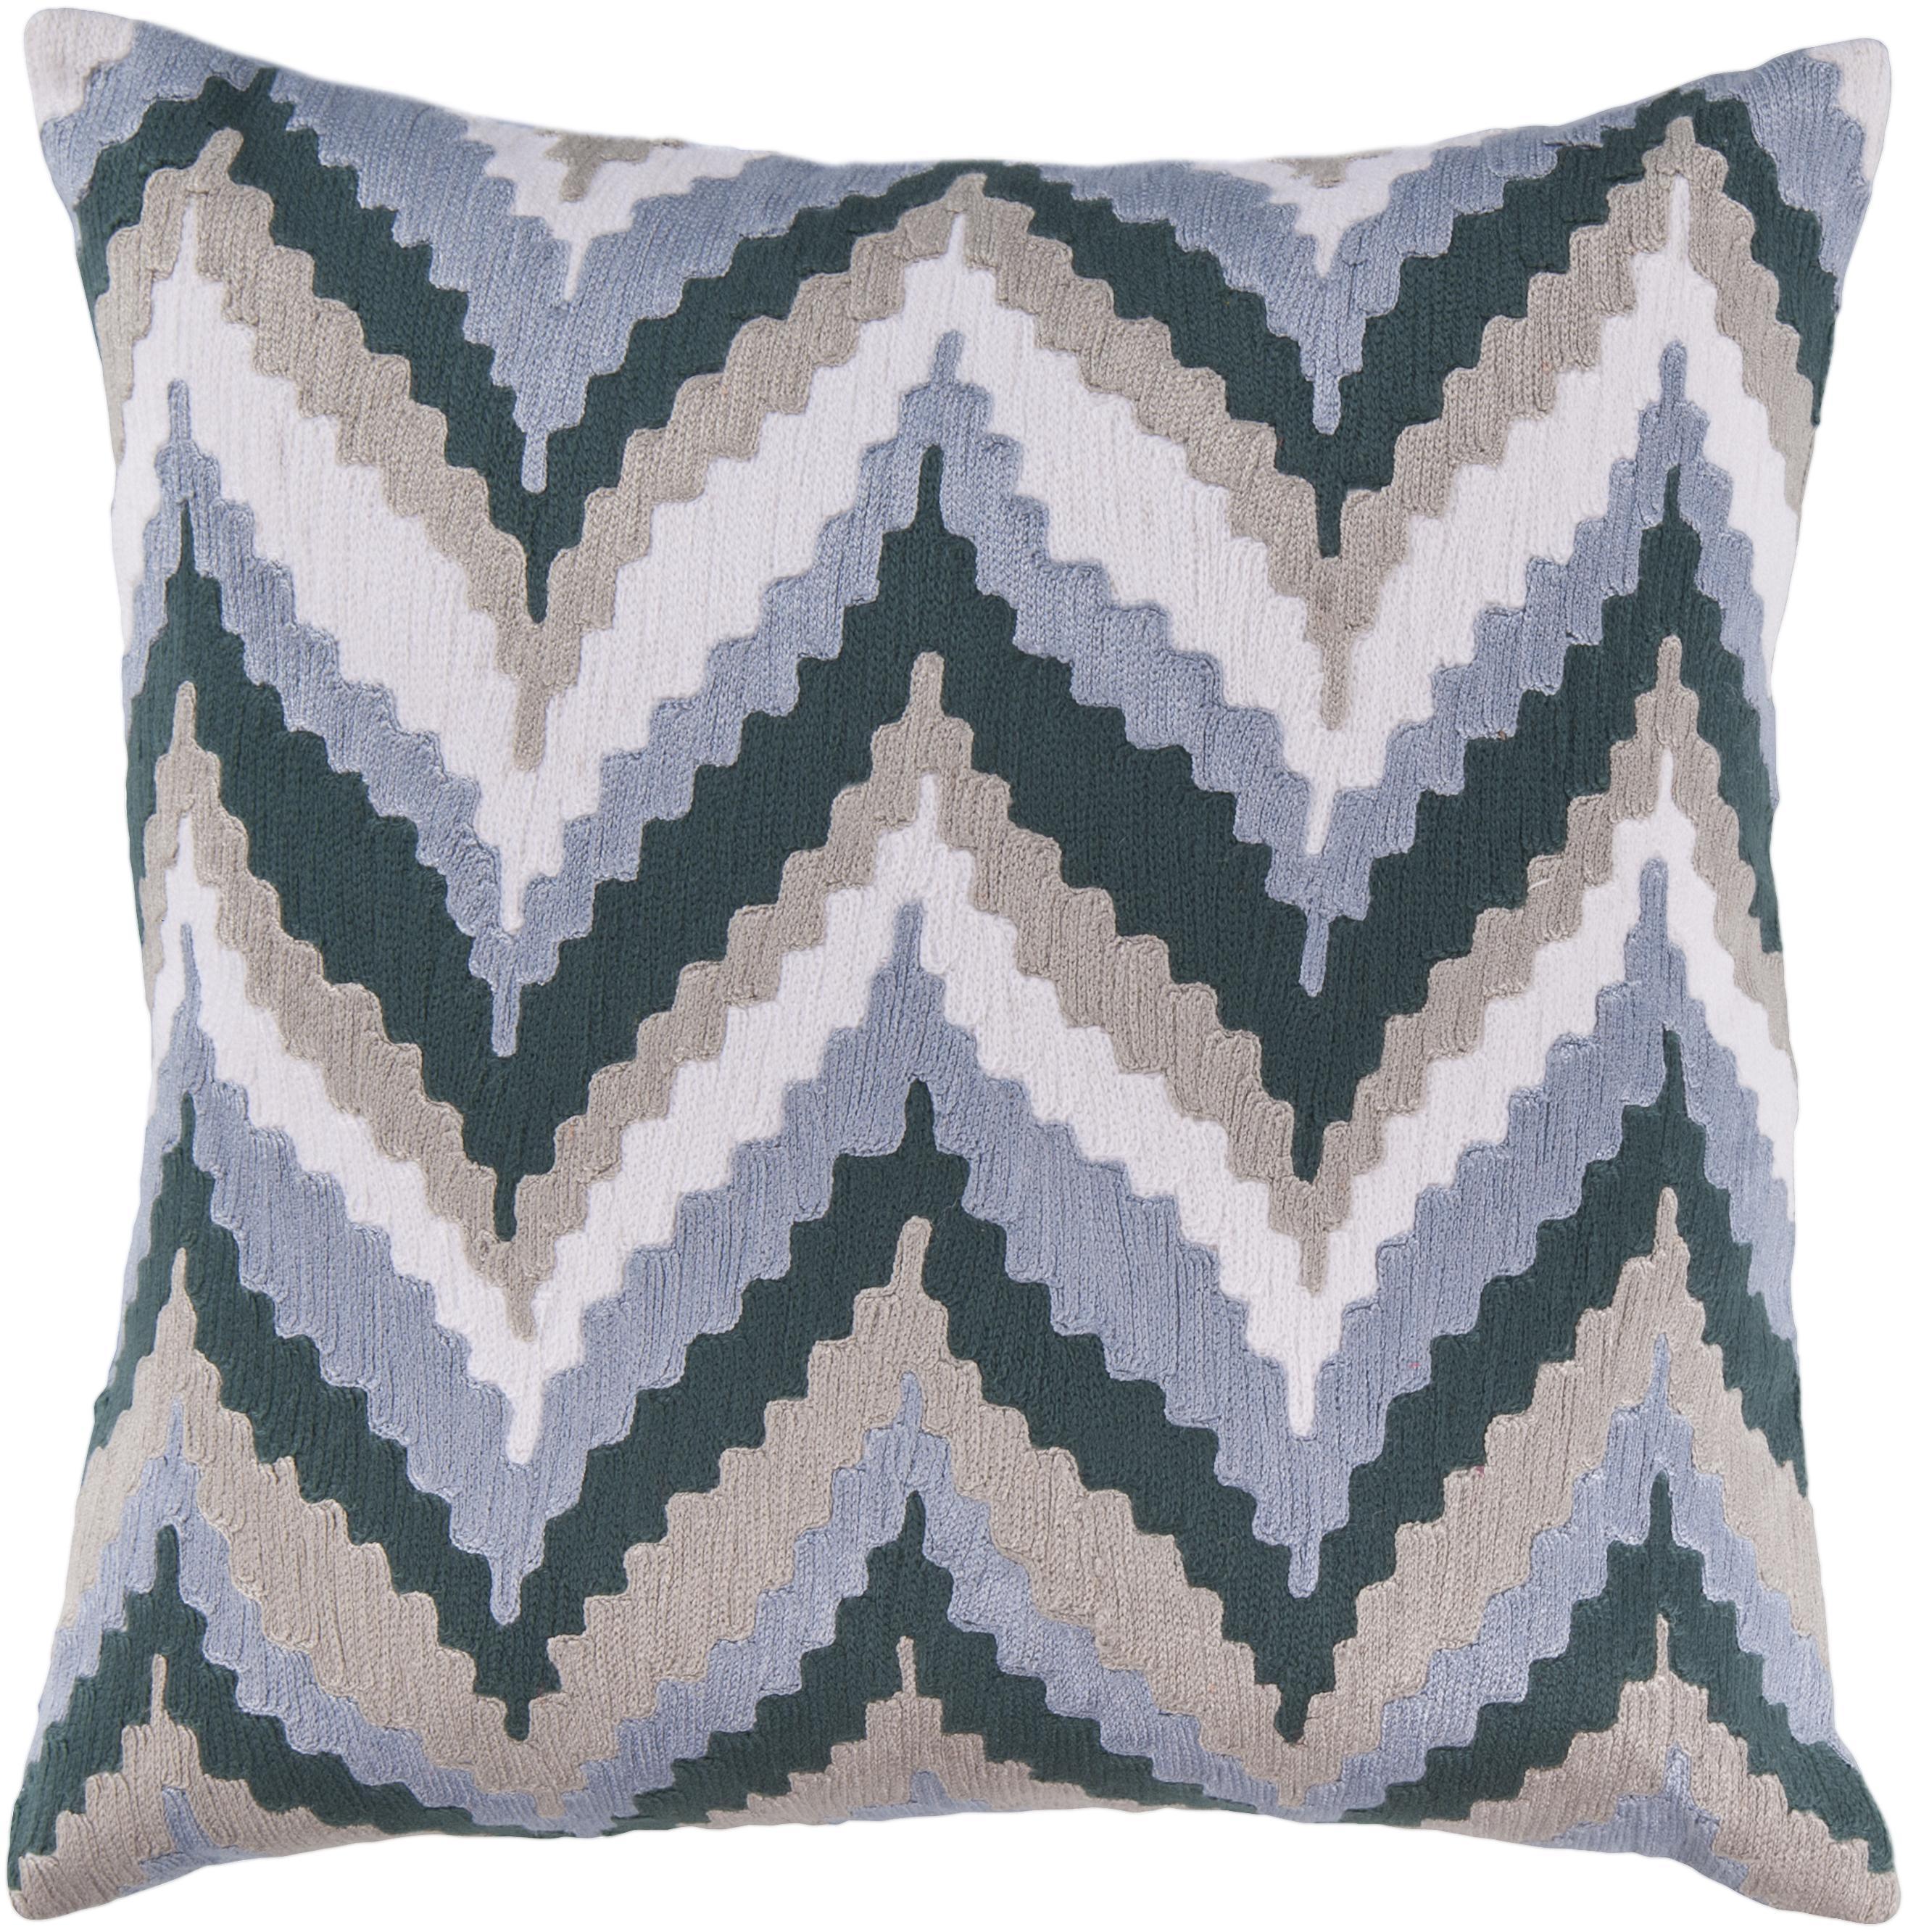 """Surya Pillows 18"""" x 18"""" Pillow - Item Number: AR053-1818P"""